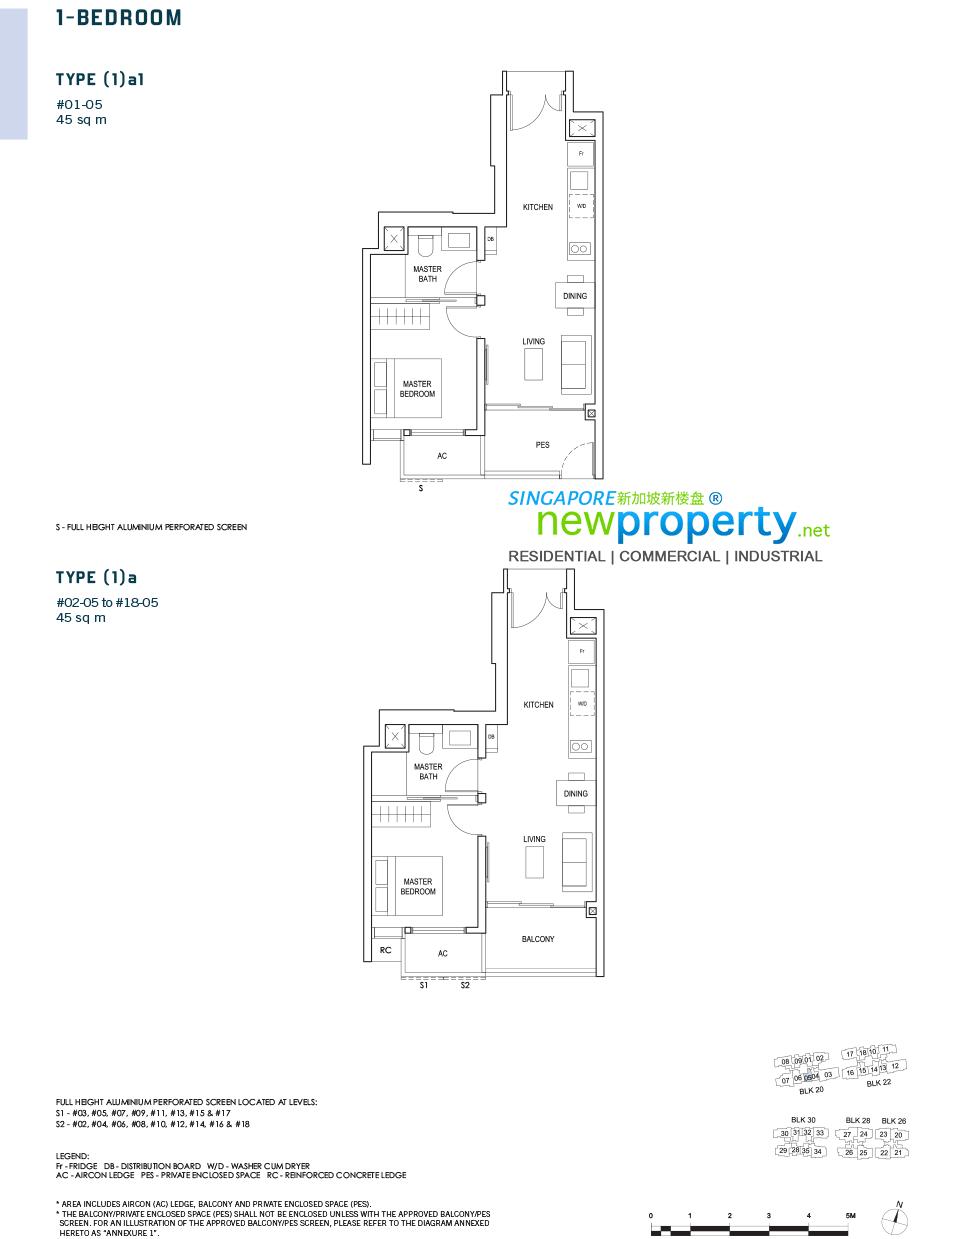 Penrose Floor Plan 1-Bedroom